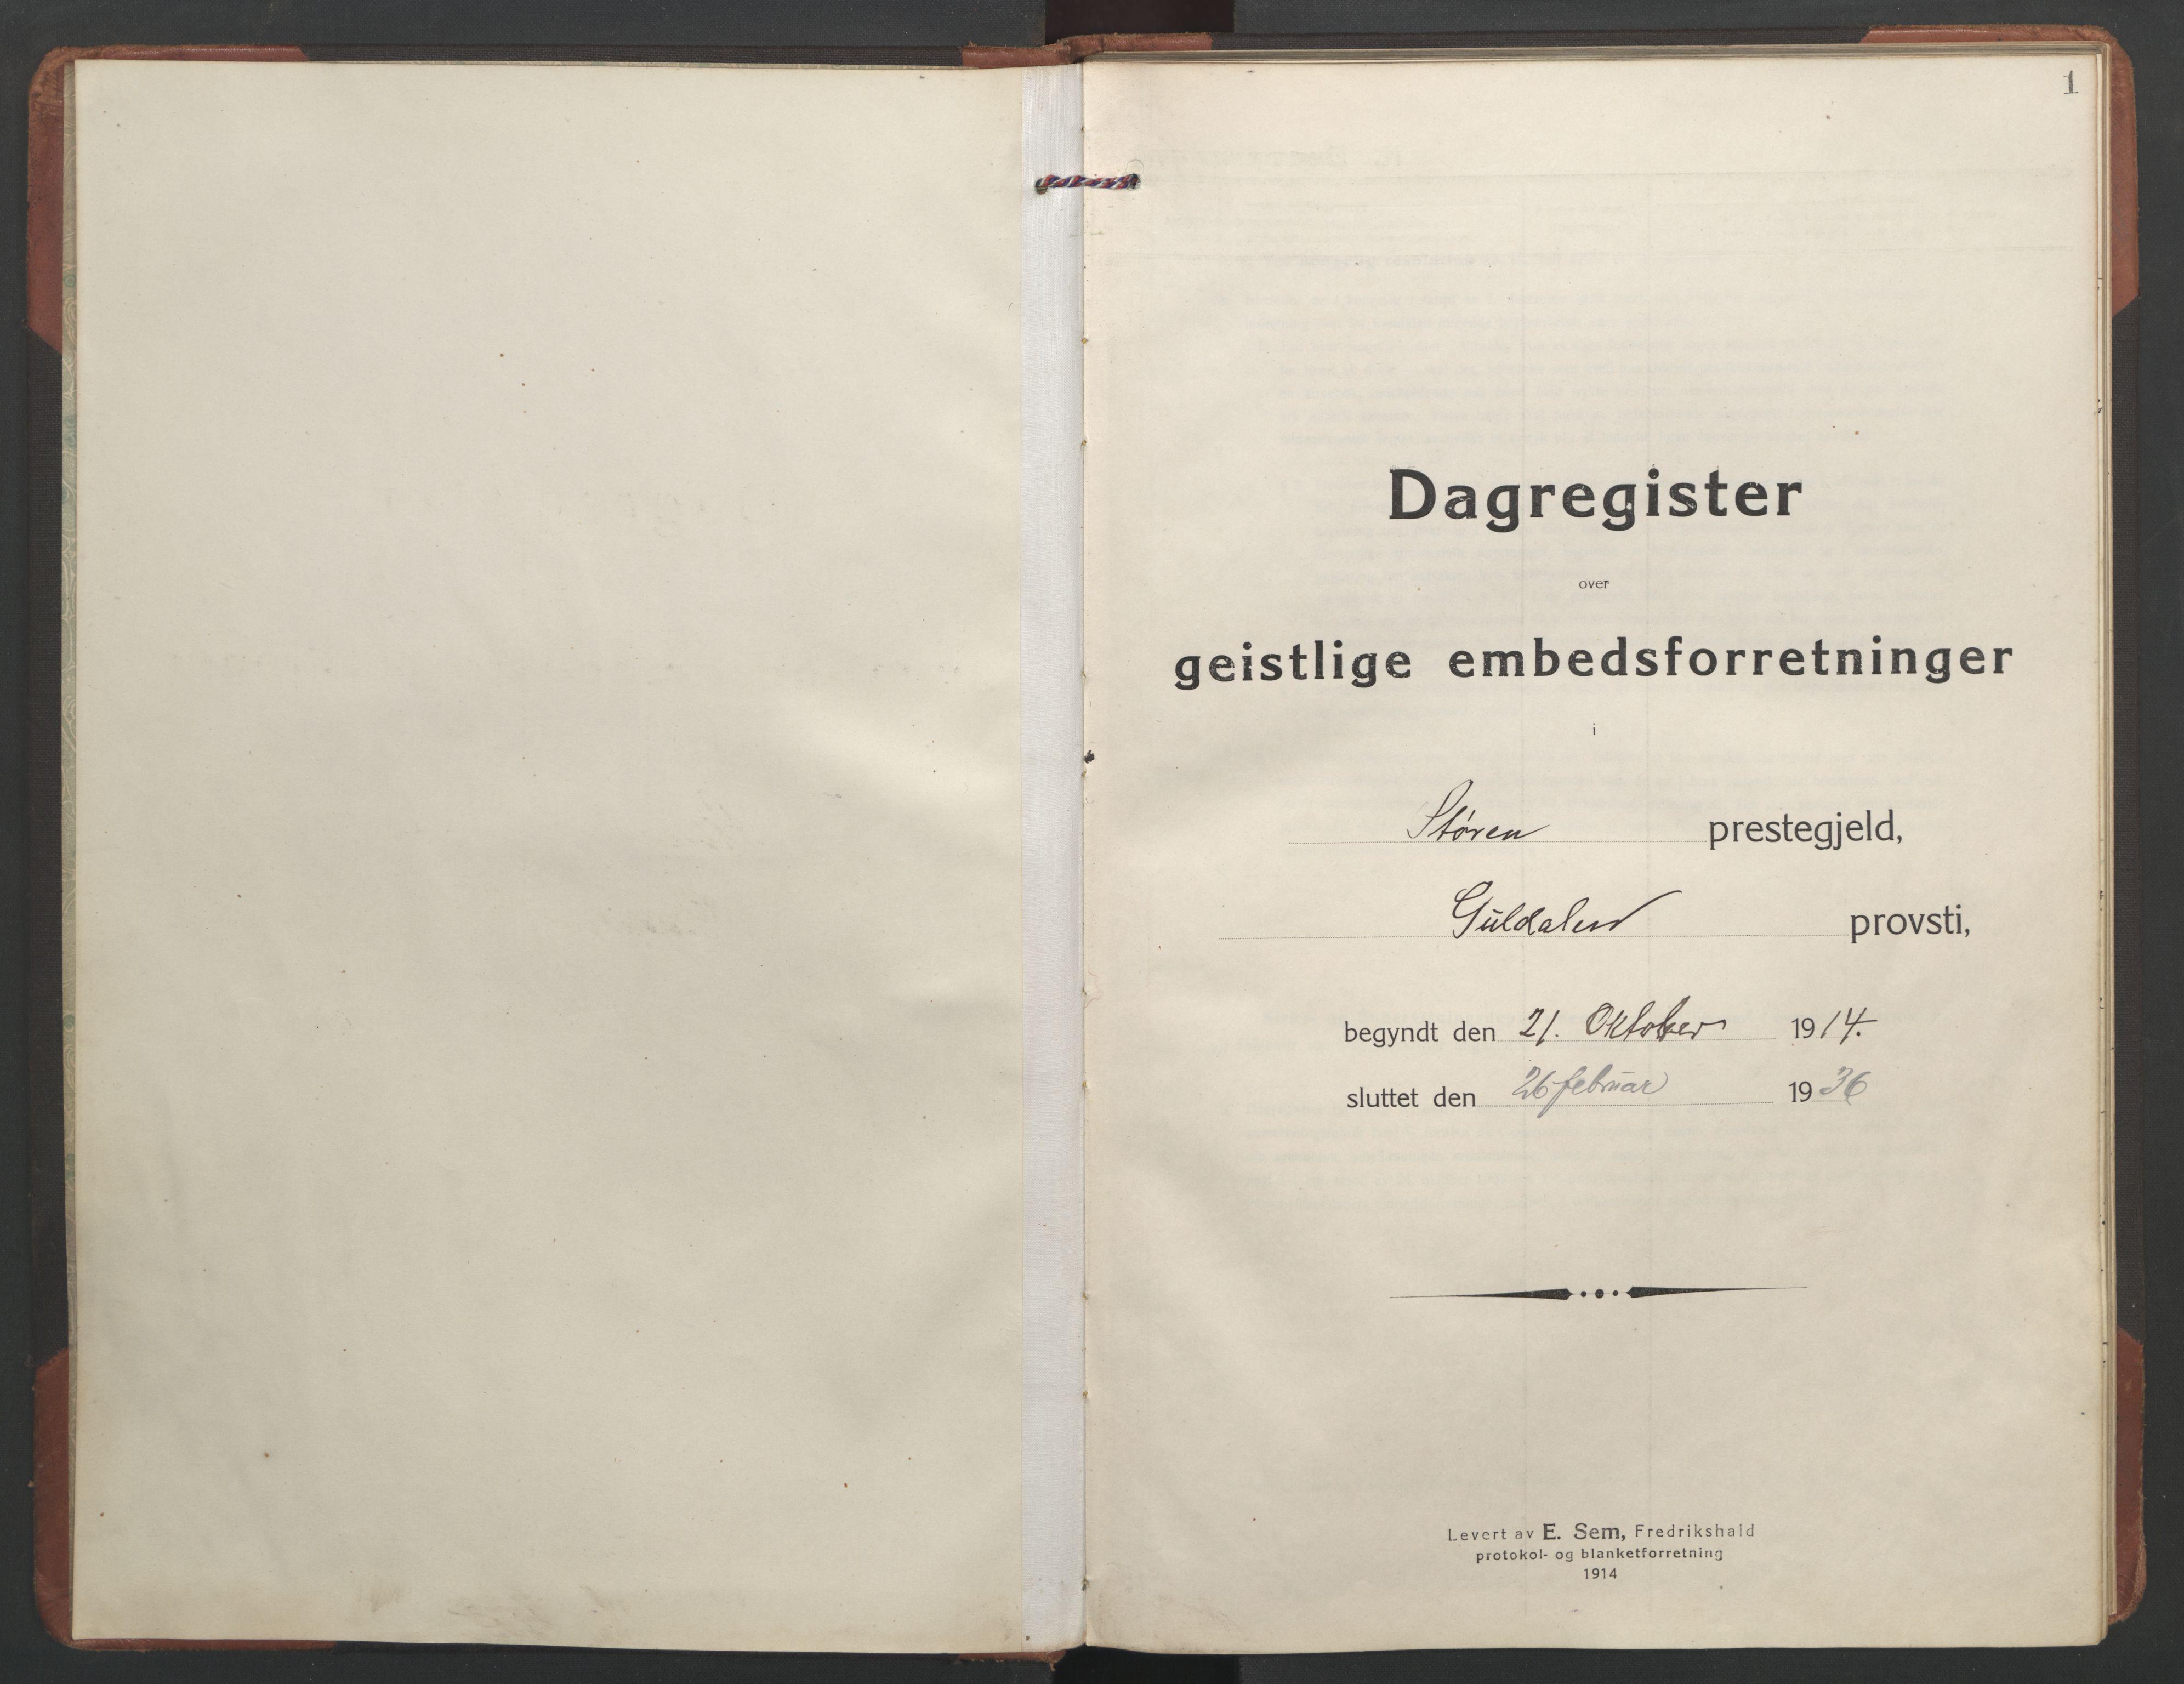 SAT, Ministerialprotokoller, klokkerbøker og fødselsregistre - Sør-Trøndelag, 687/L1013: Dagregister nr. 687B02, 1914-1936, s. 1